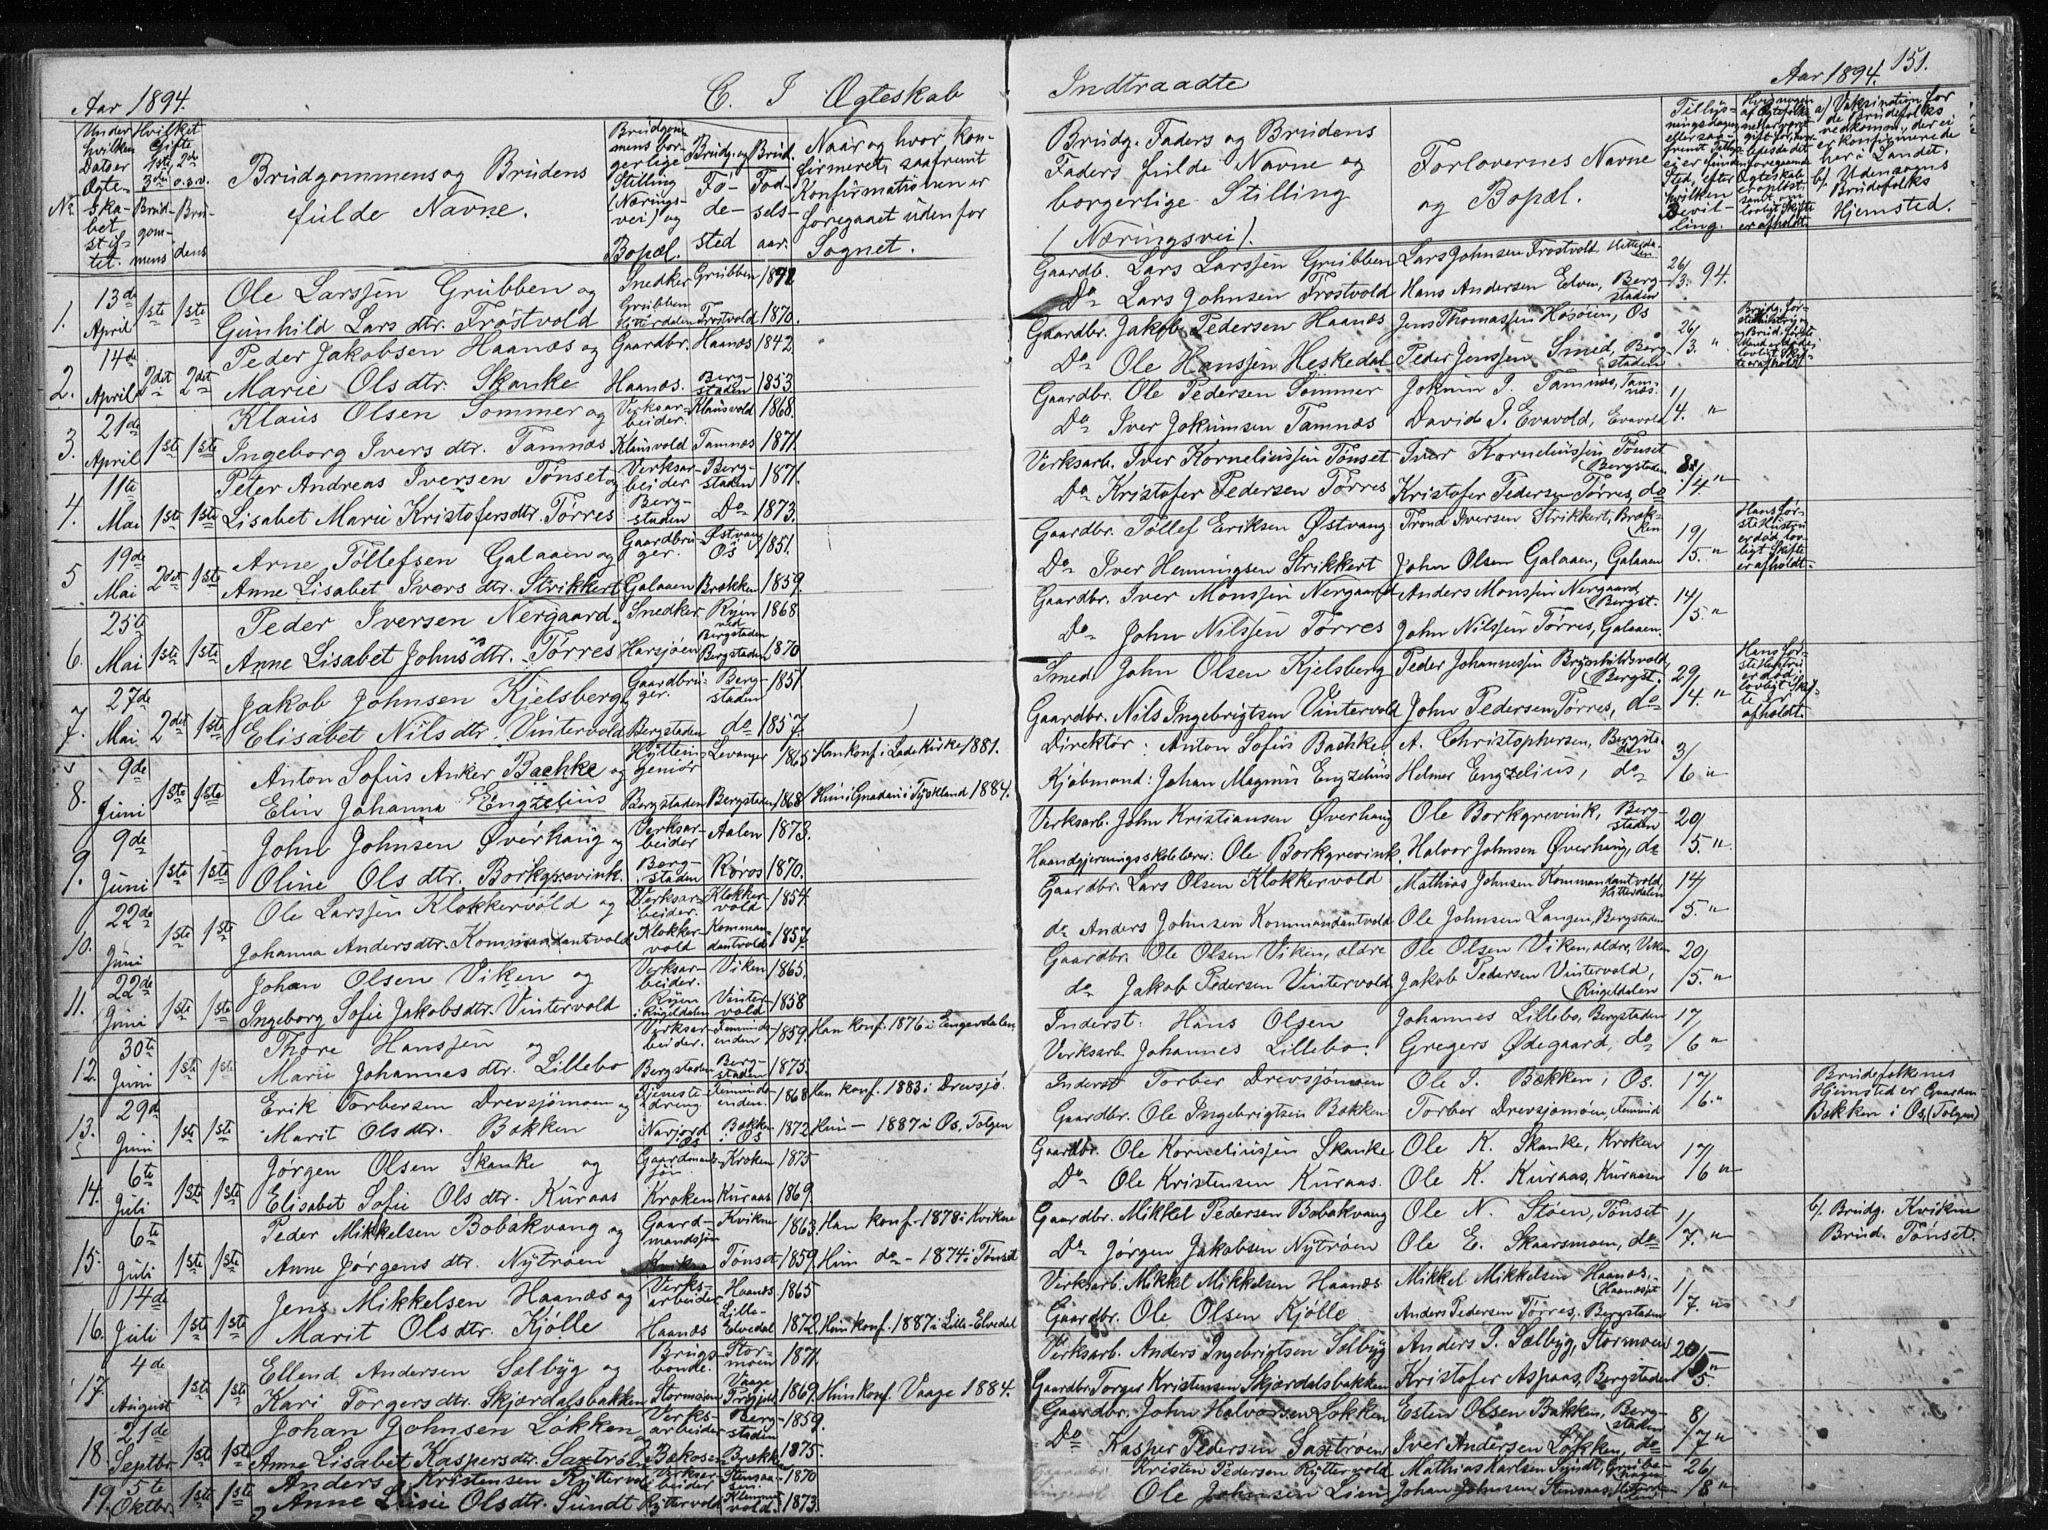 SAT, Ministerialprotokoller, klokkerbøker og fødselsregistre - Sør-Trøndelag, 681/L0940: Klokkerbok nr. 681C04, 1880-1895, s. 151